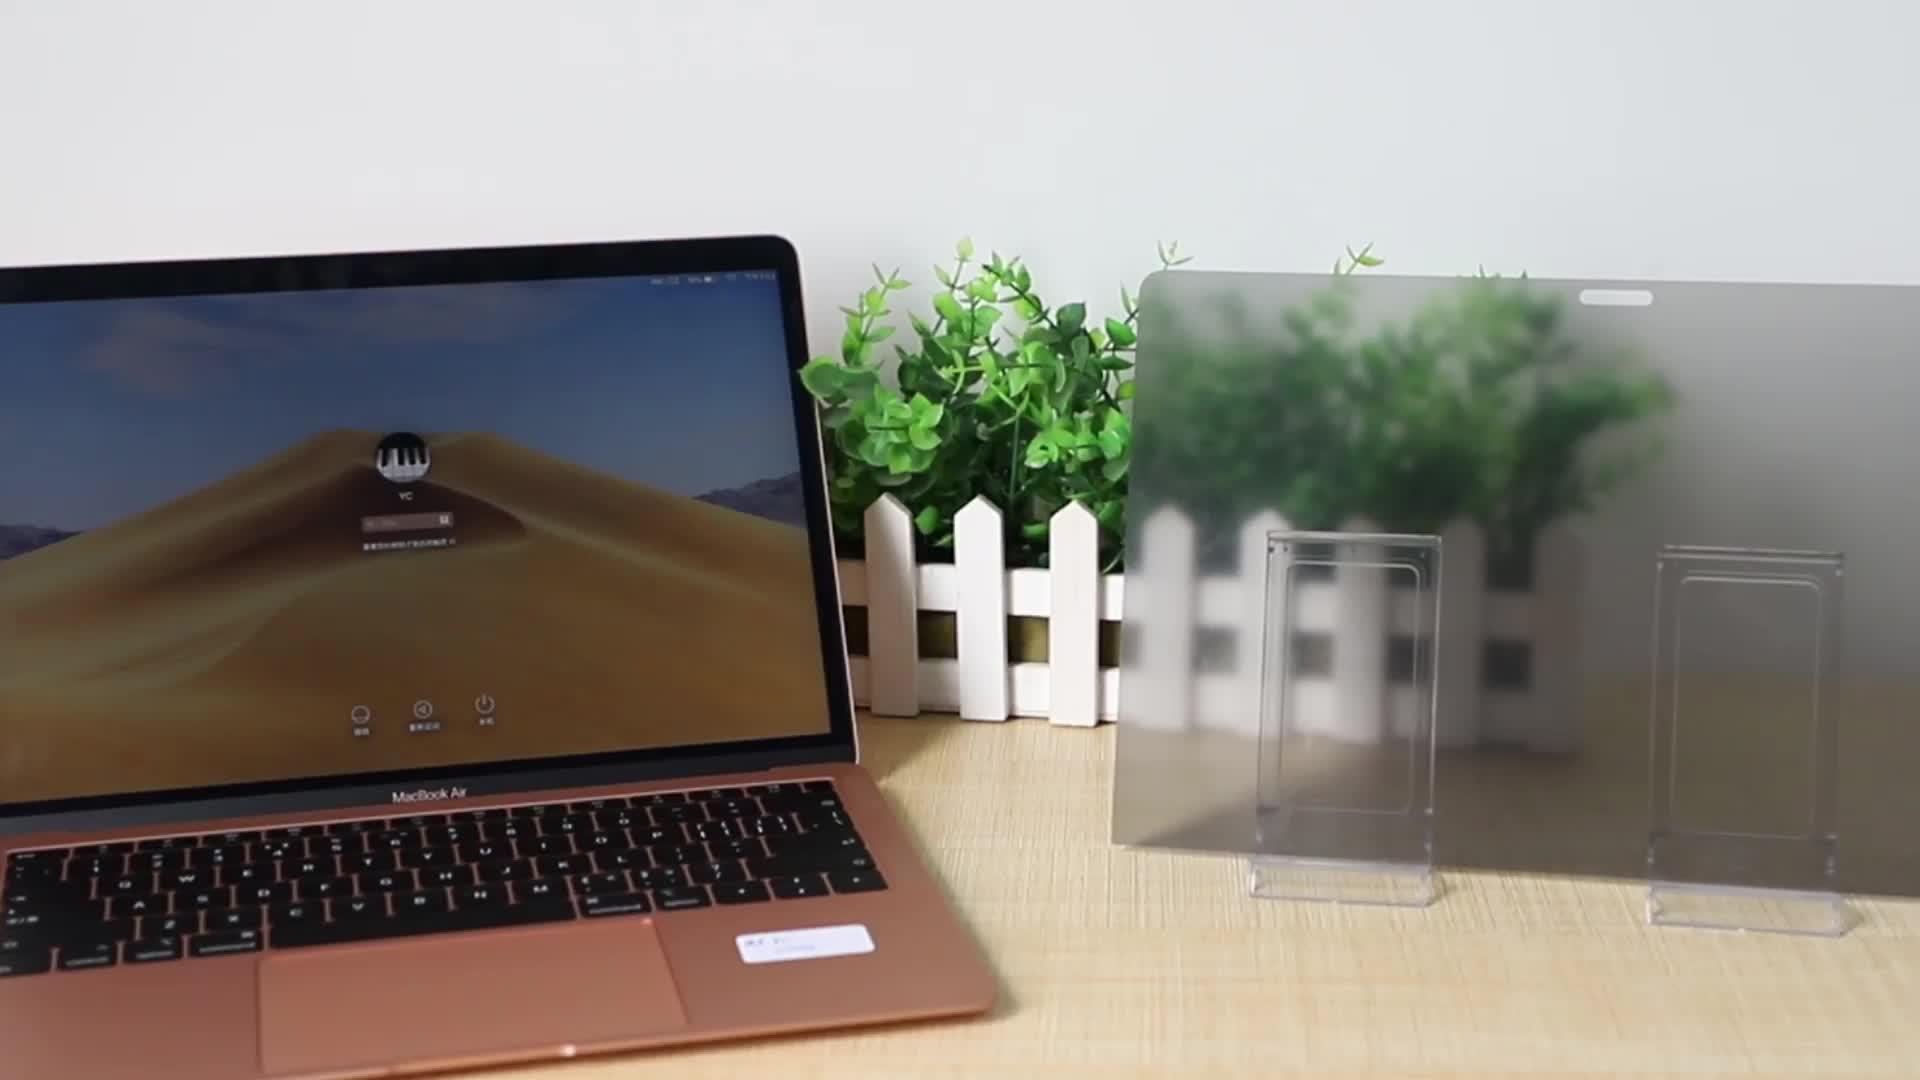 फैक्टरी मूल्य विरोधी जासूस रक्षक लैपटॉप स्क्रीन रक्षा गोपनीयता स्क्रीन 15 इंच के लैपटॉप गोपनीयता फिल्टर के लिए फिल्टर (305mm * 228mm)